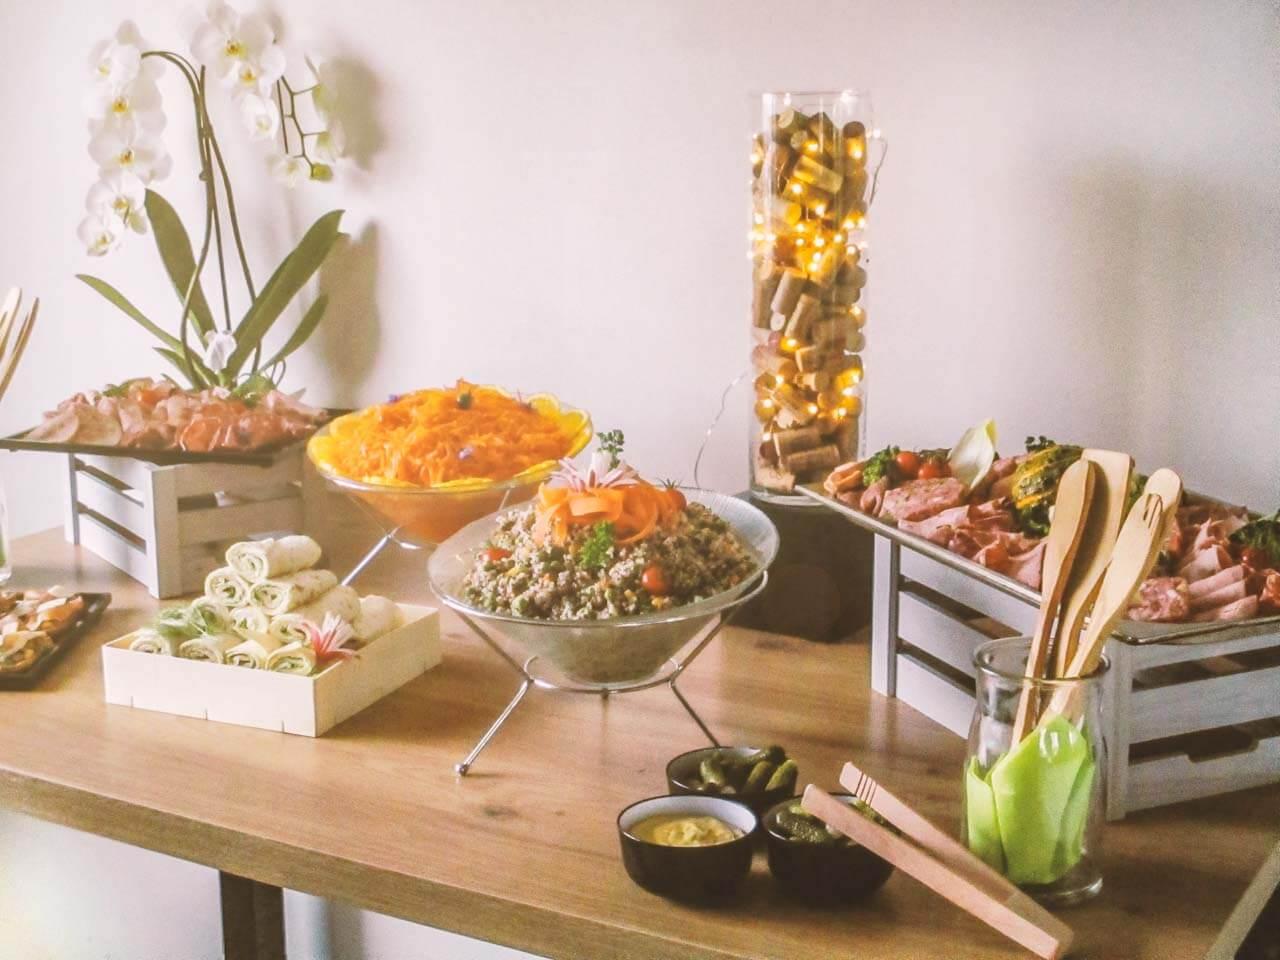 Kiwi - Cuisinier et Traiteur à Nancy - Buffet